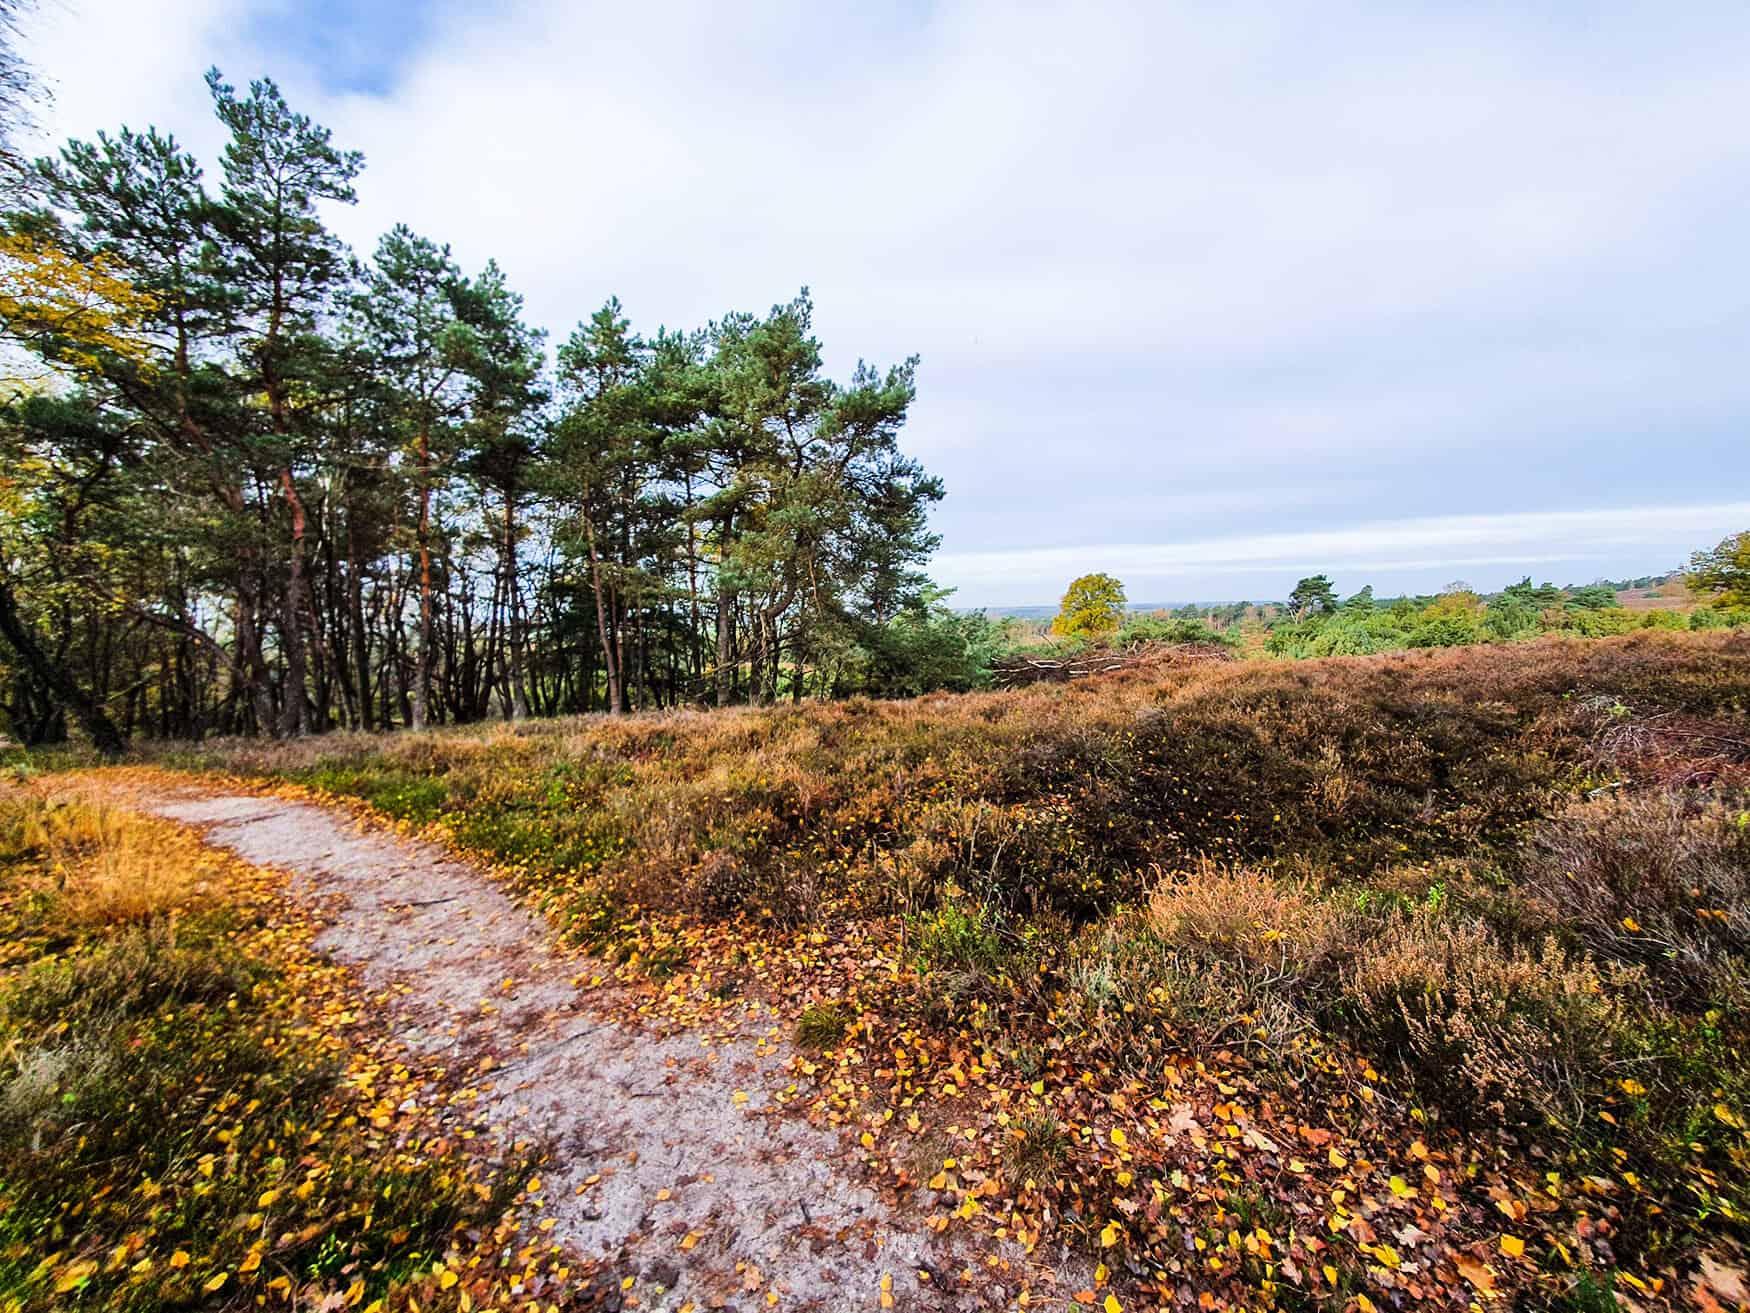 Krista van der horst praktijk voor coaching zwolle 900 1600  wandelcoaching natuurcoaching engelse werk